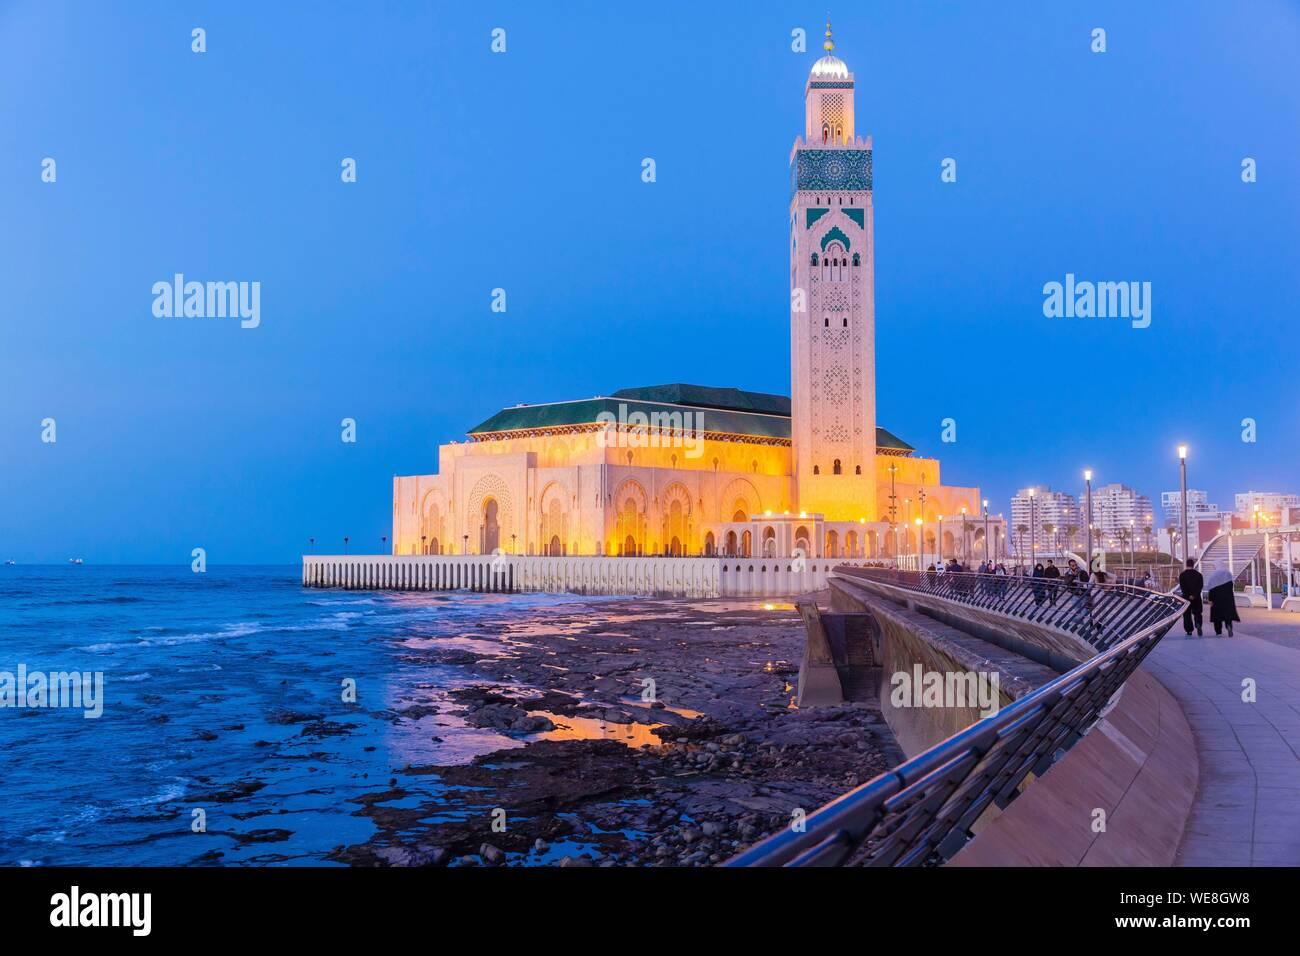 Marruecos, en Casablanca, en la explanada de la mezquita de Hassan II Foto de stock